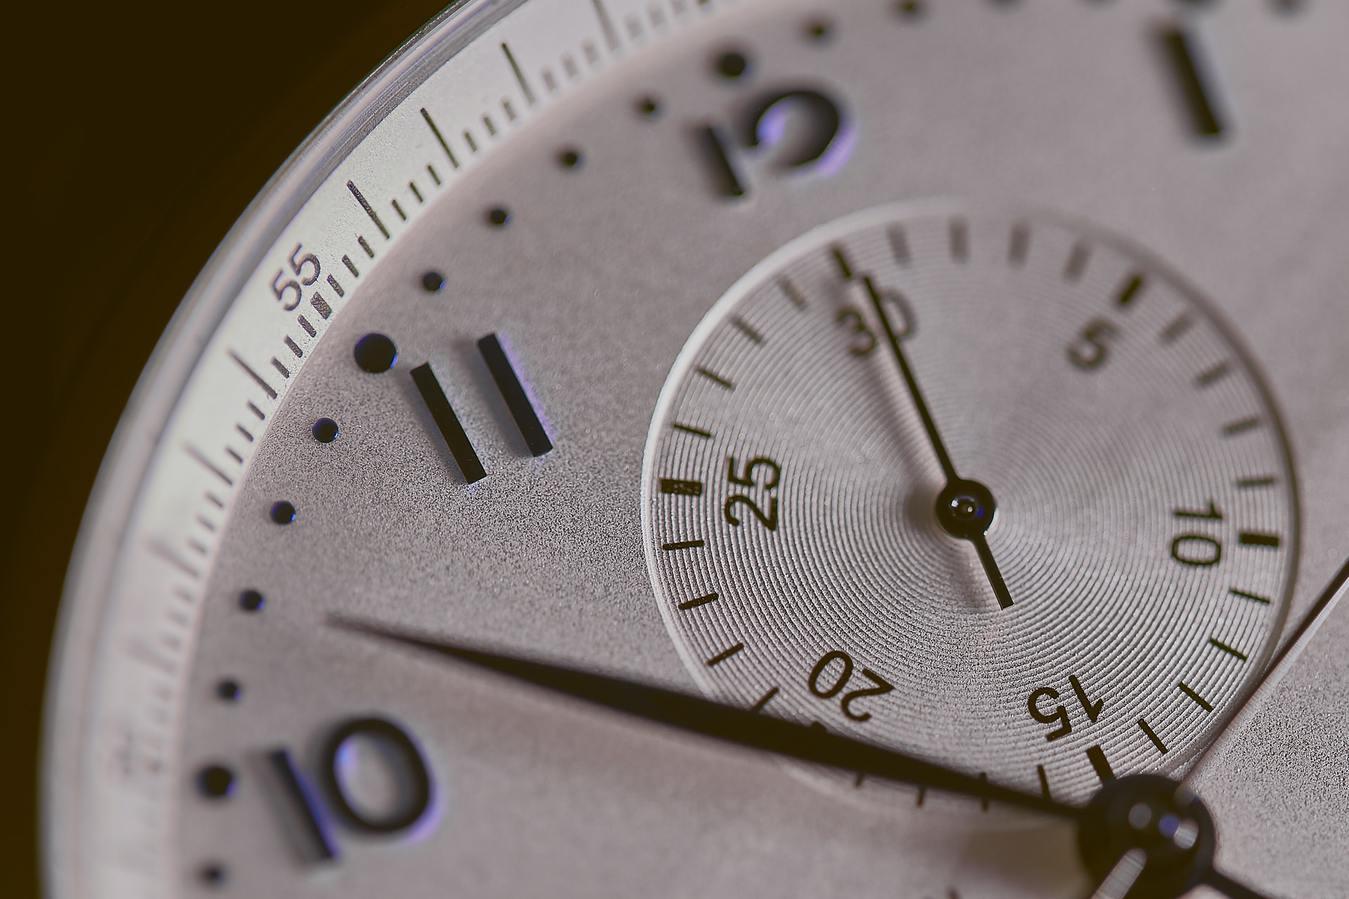 Jam tangan sebagai produk terlaris